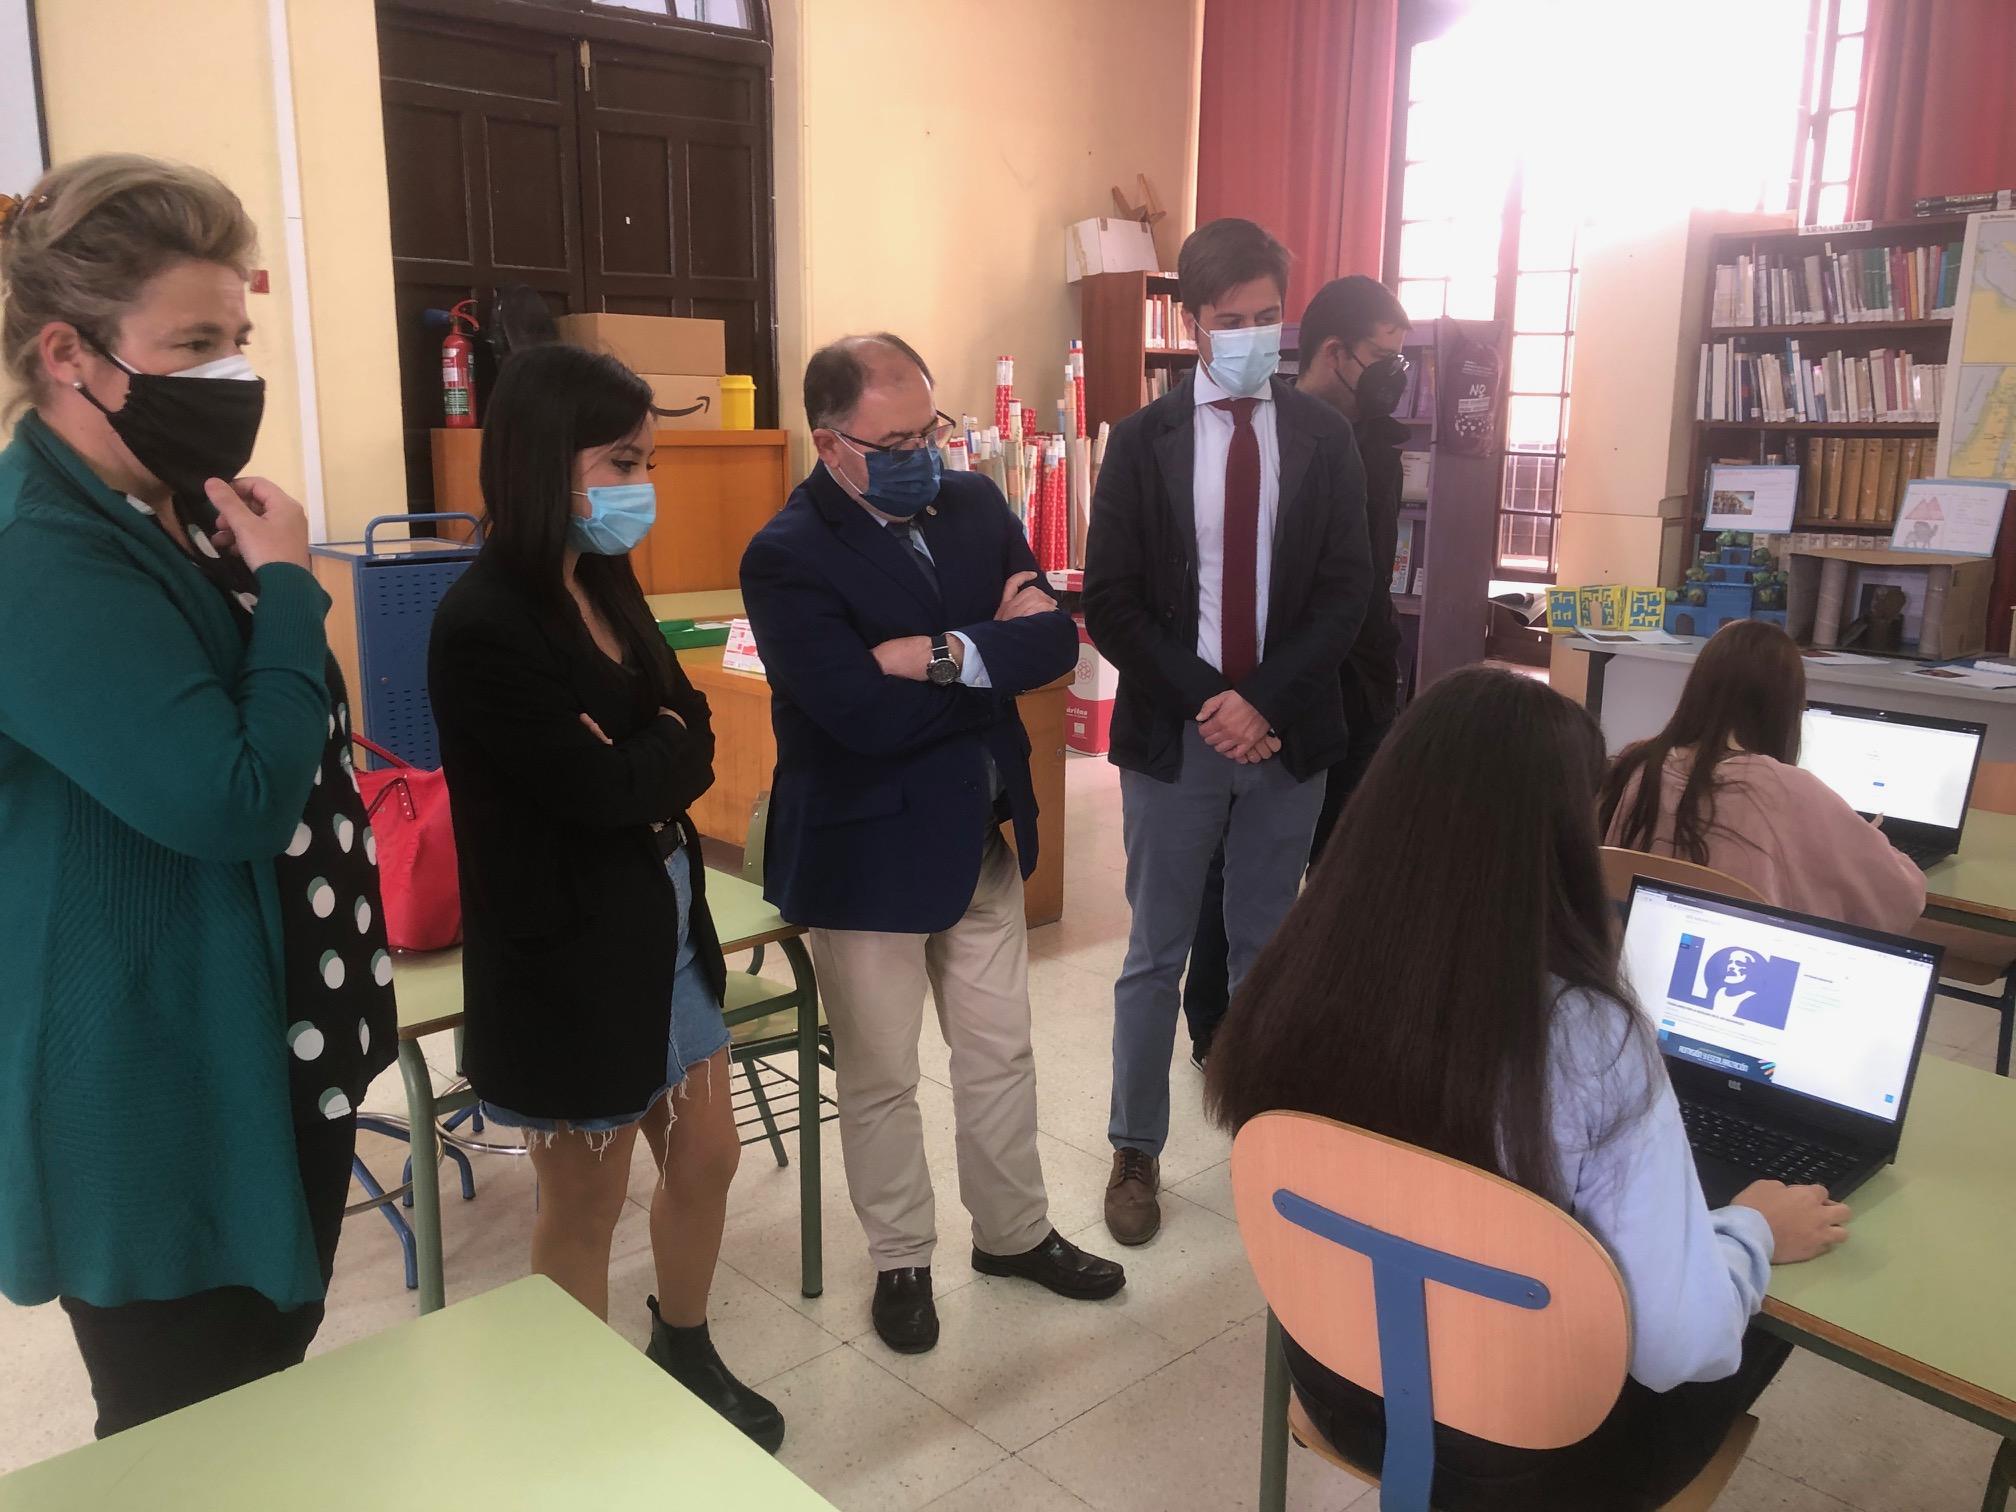 El Instituto Maimónides y el Instituto Medina Azahara, ambos de Córdoba, participan junto a centros de Holanda, Alemania, Italia y Turquía en un proyecto piloto pionero en Europa